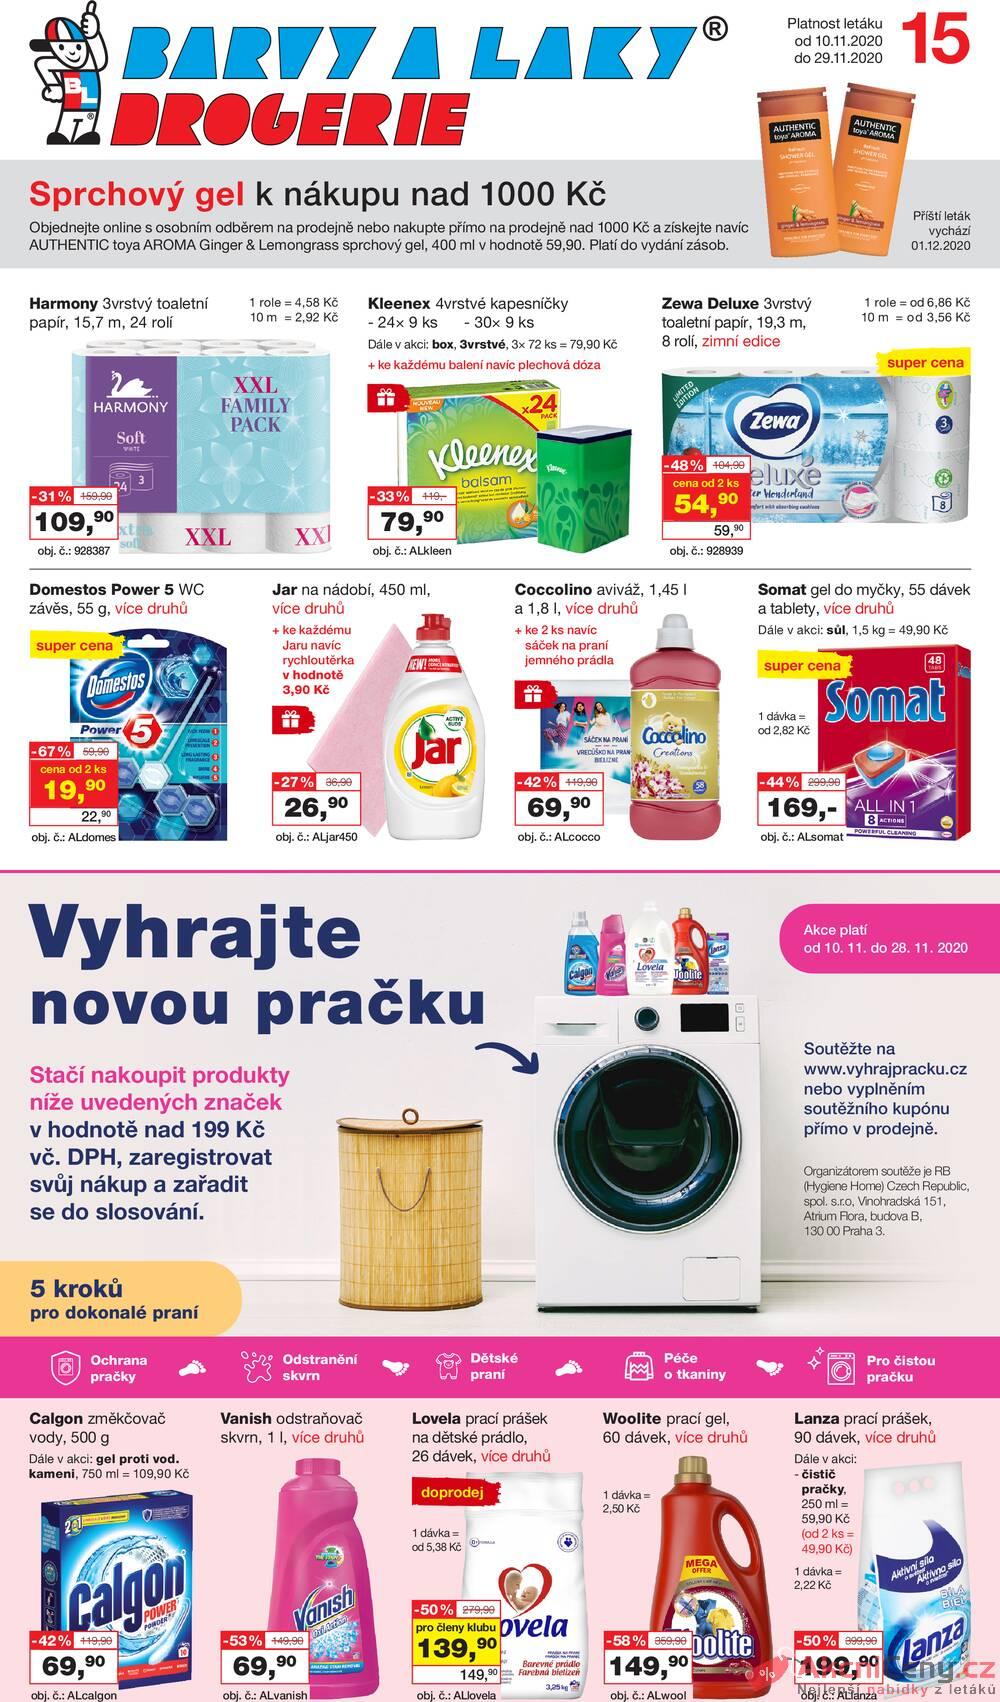 Leták Barvy a laky drogerie  - Barvy a laky drogerie od 10.11. do 29.11.2020 - strana 1